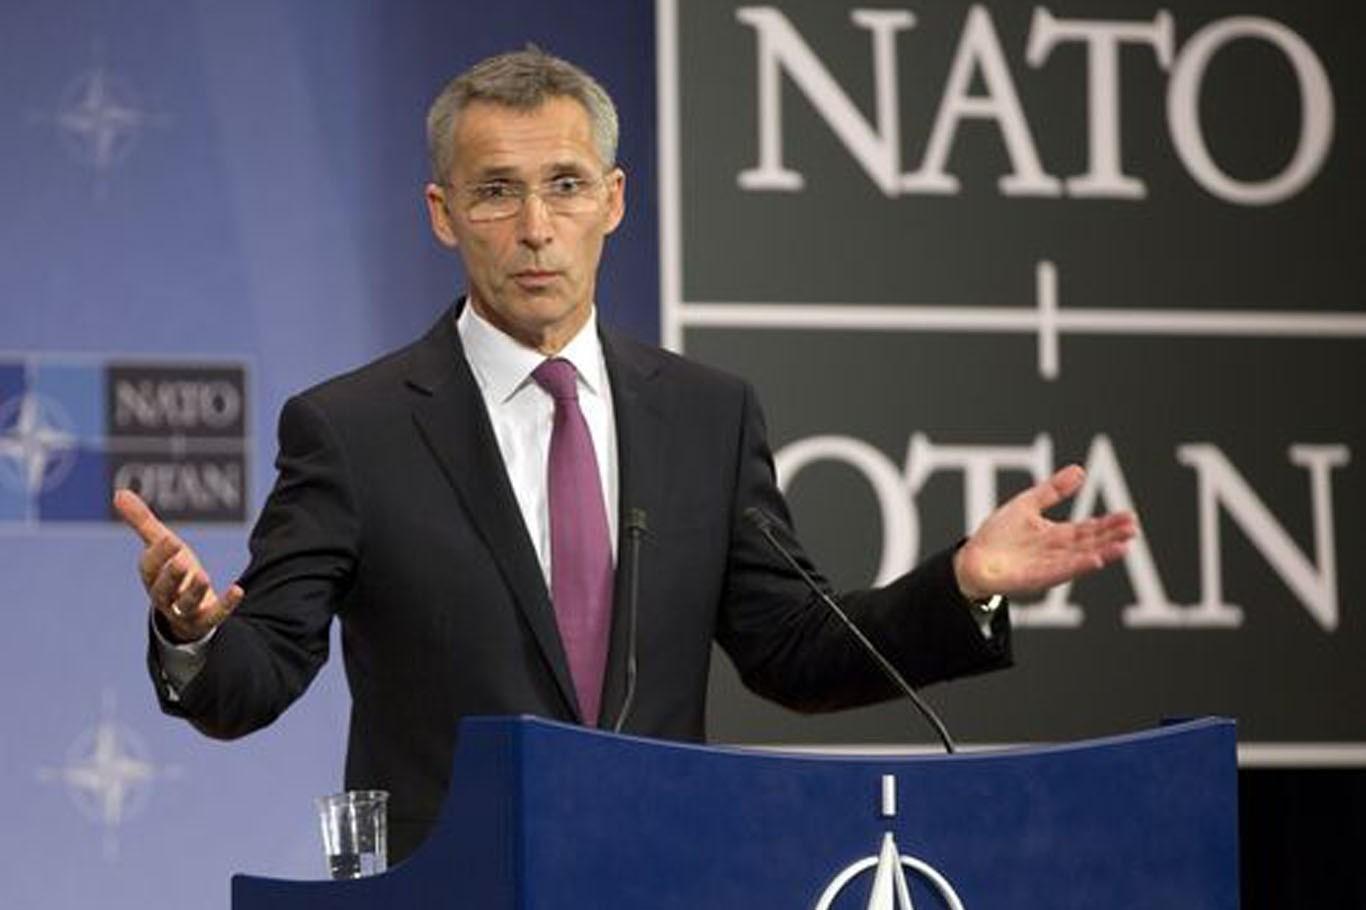 НАТО нерассматривает вопрос присоединения Украинского государства кальянсу